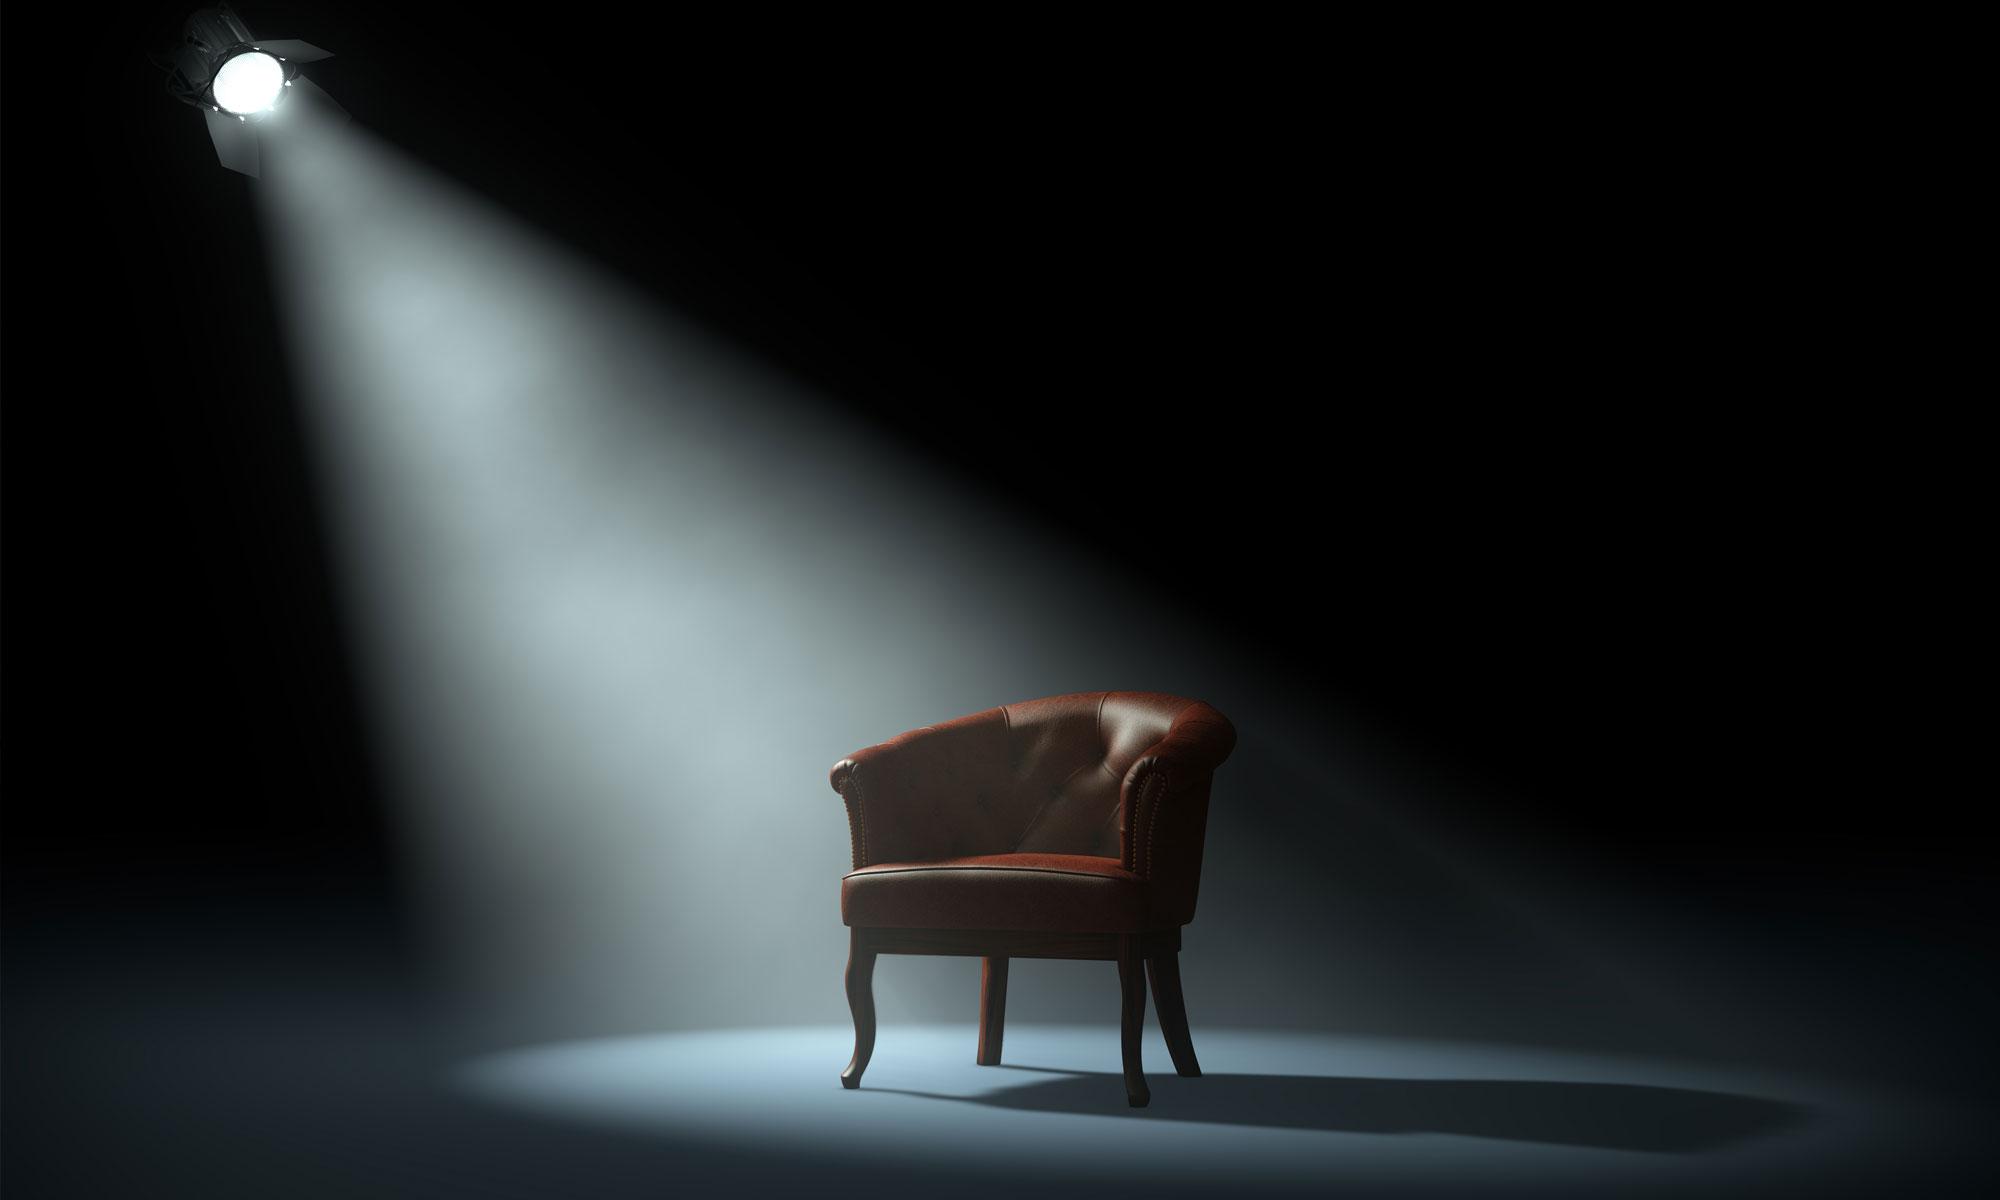 Stuhl auf einer Bühne - Bild aus der Homepage von Tiziana Bruno